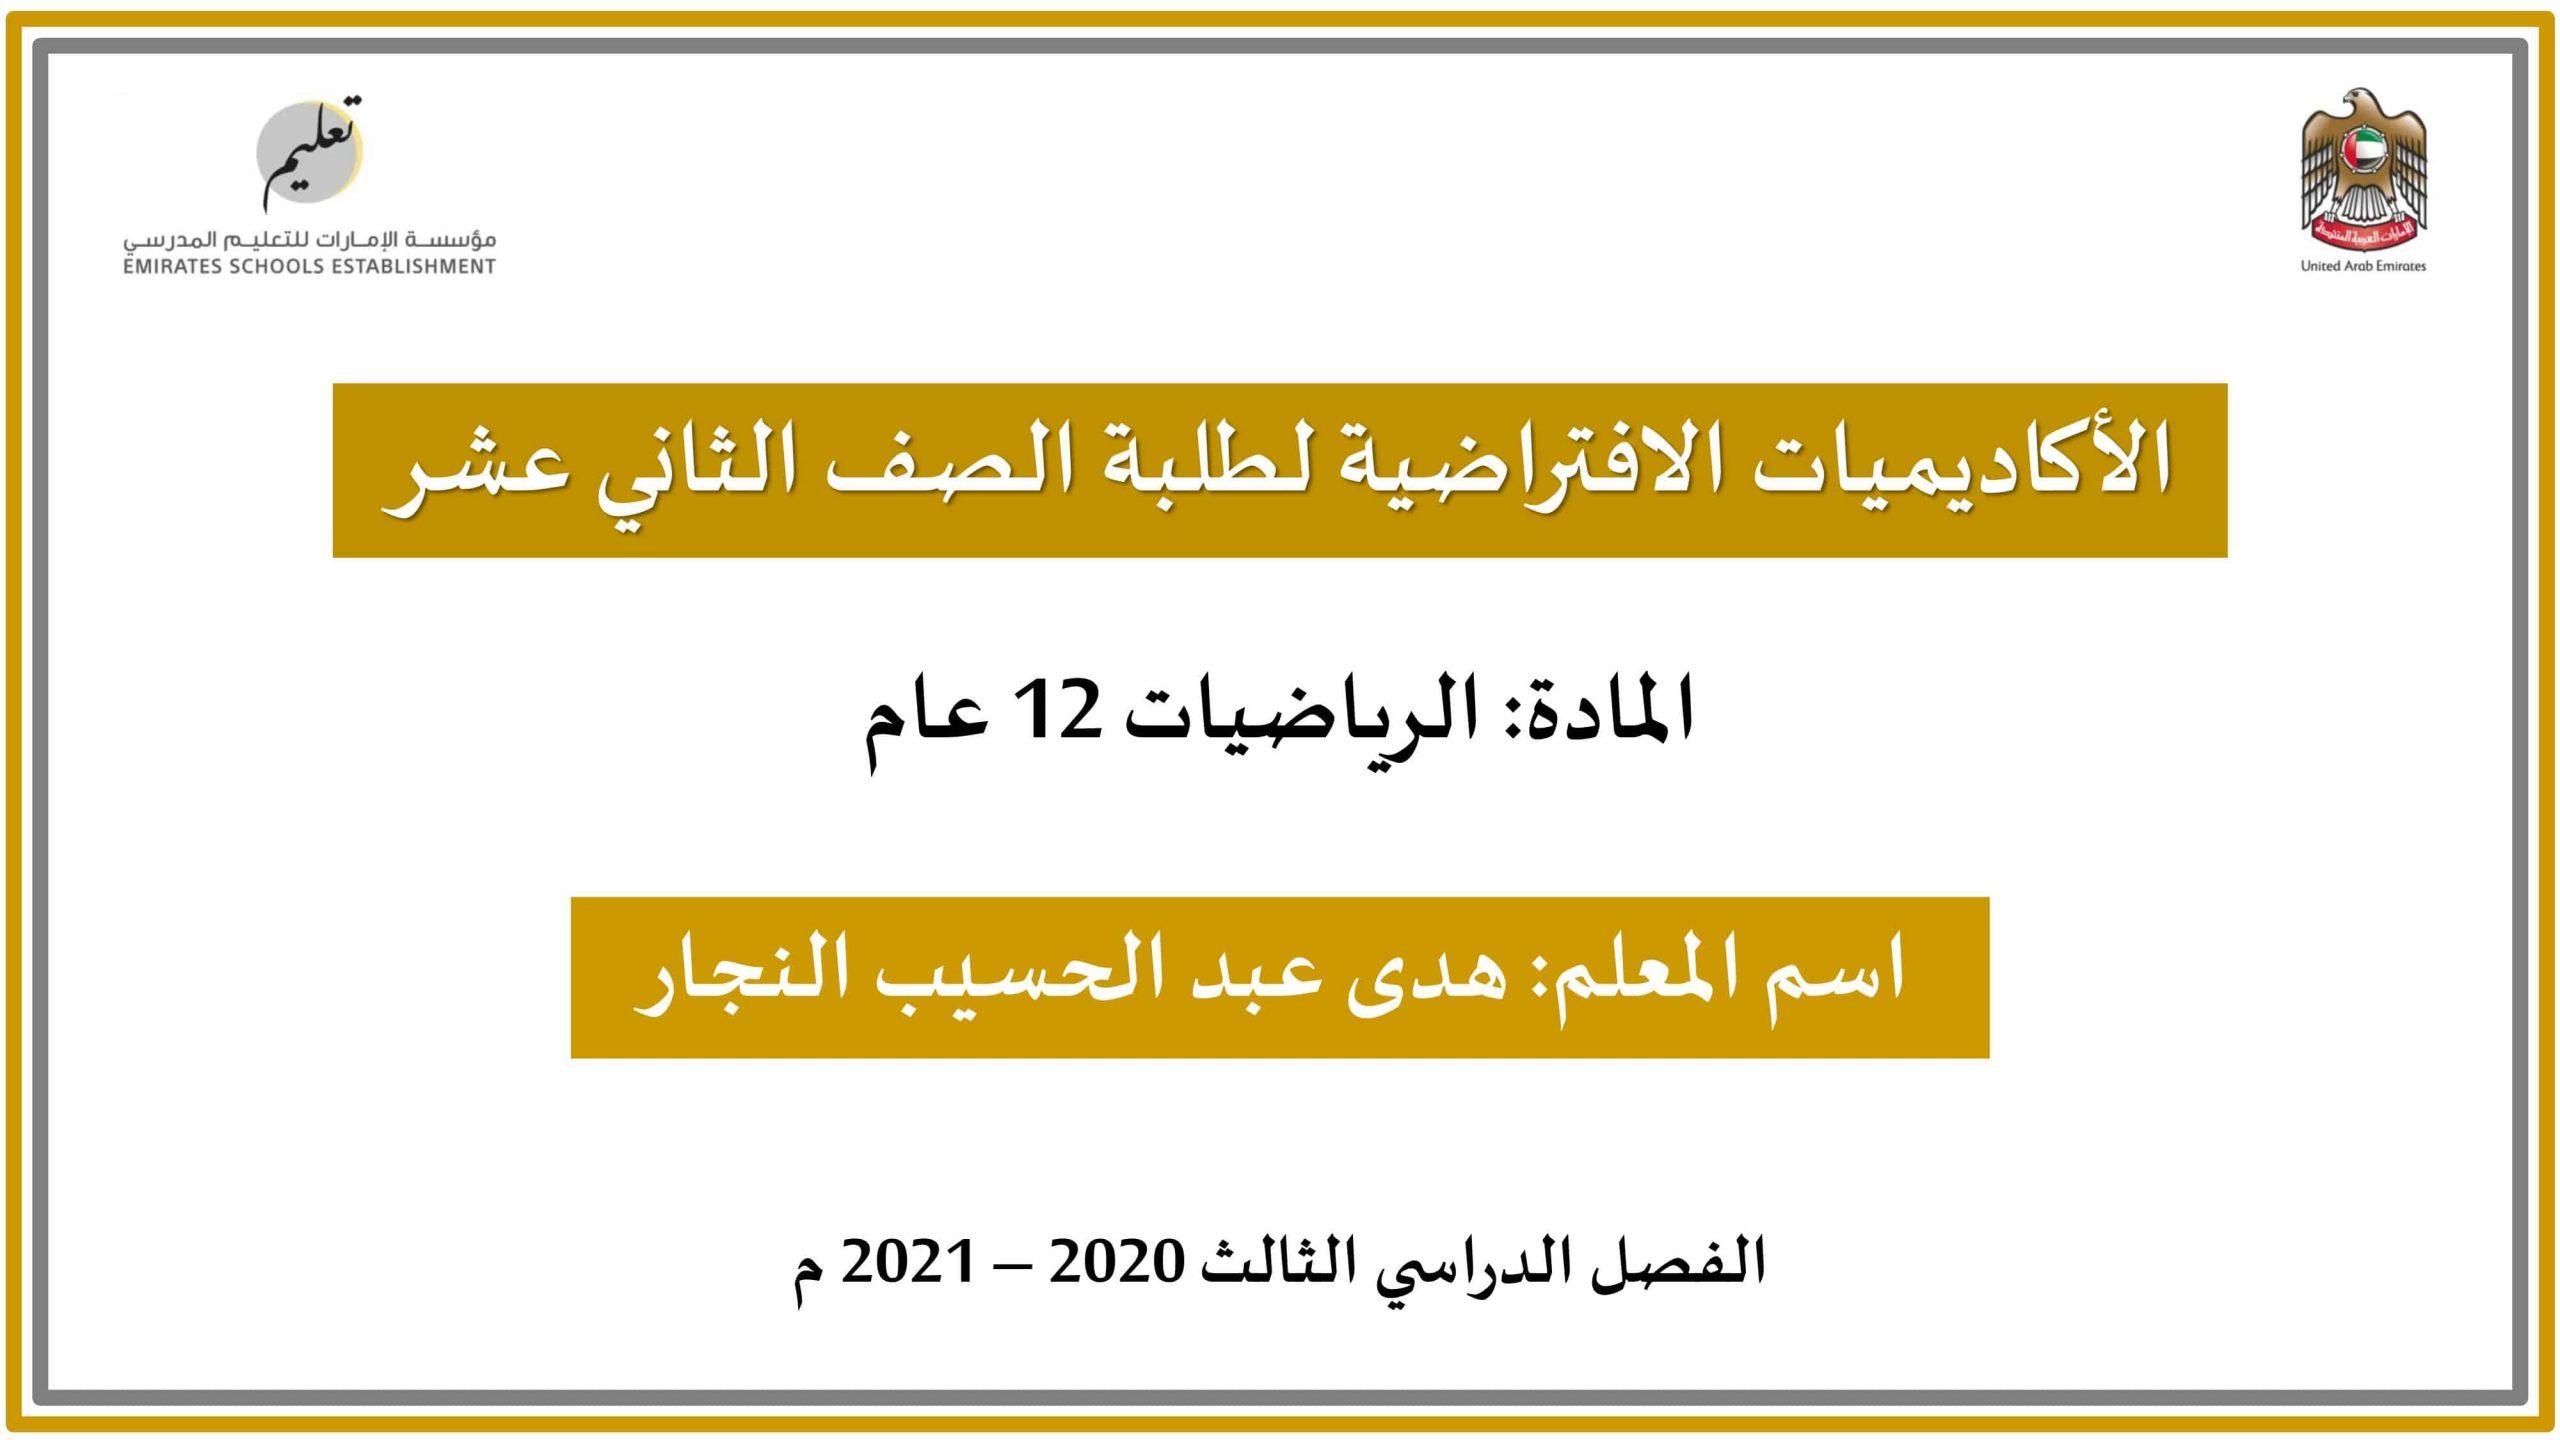 مراجعة عامة وحدة الإحصاء والاحتمالات الثاني عشر عام مادة الرياضيات المتكاملة